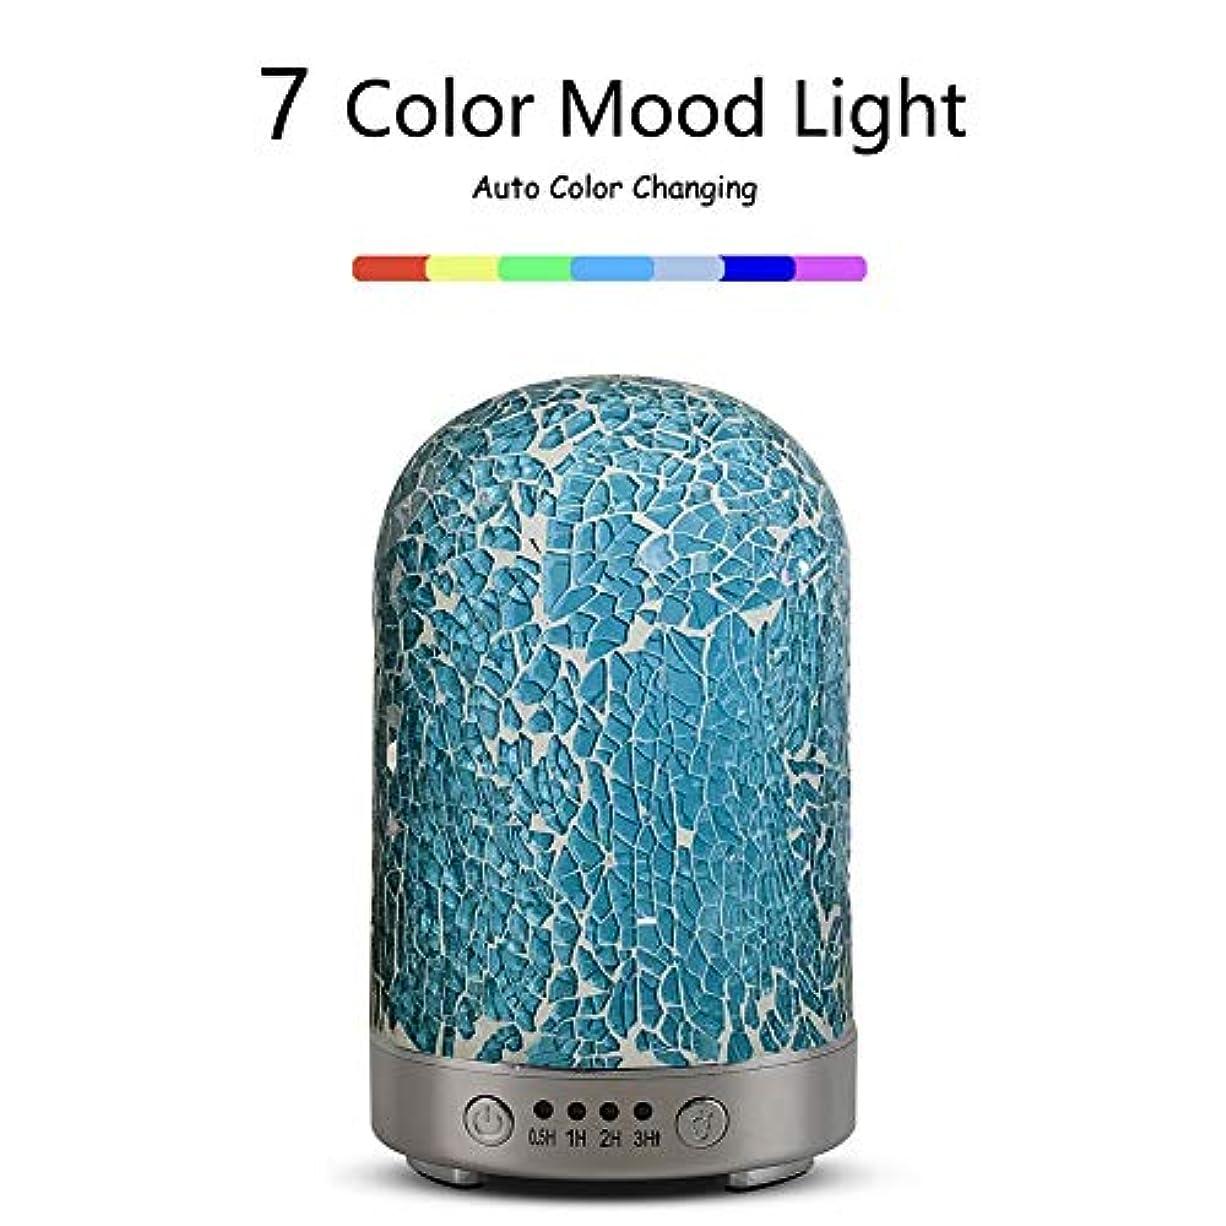 人気の解く上げるアロマセラピーエッセンシャルオイルディフューザーアロマ加湿器10 mlクラックモザイクガラスシェル7色LEDライトミュート自動ライト変更